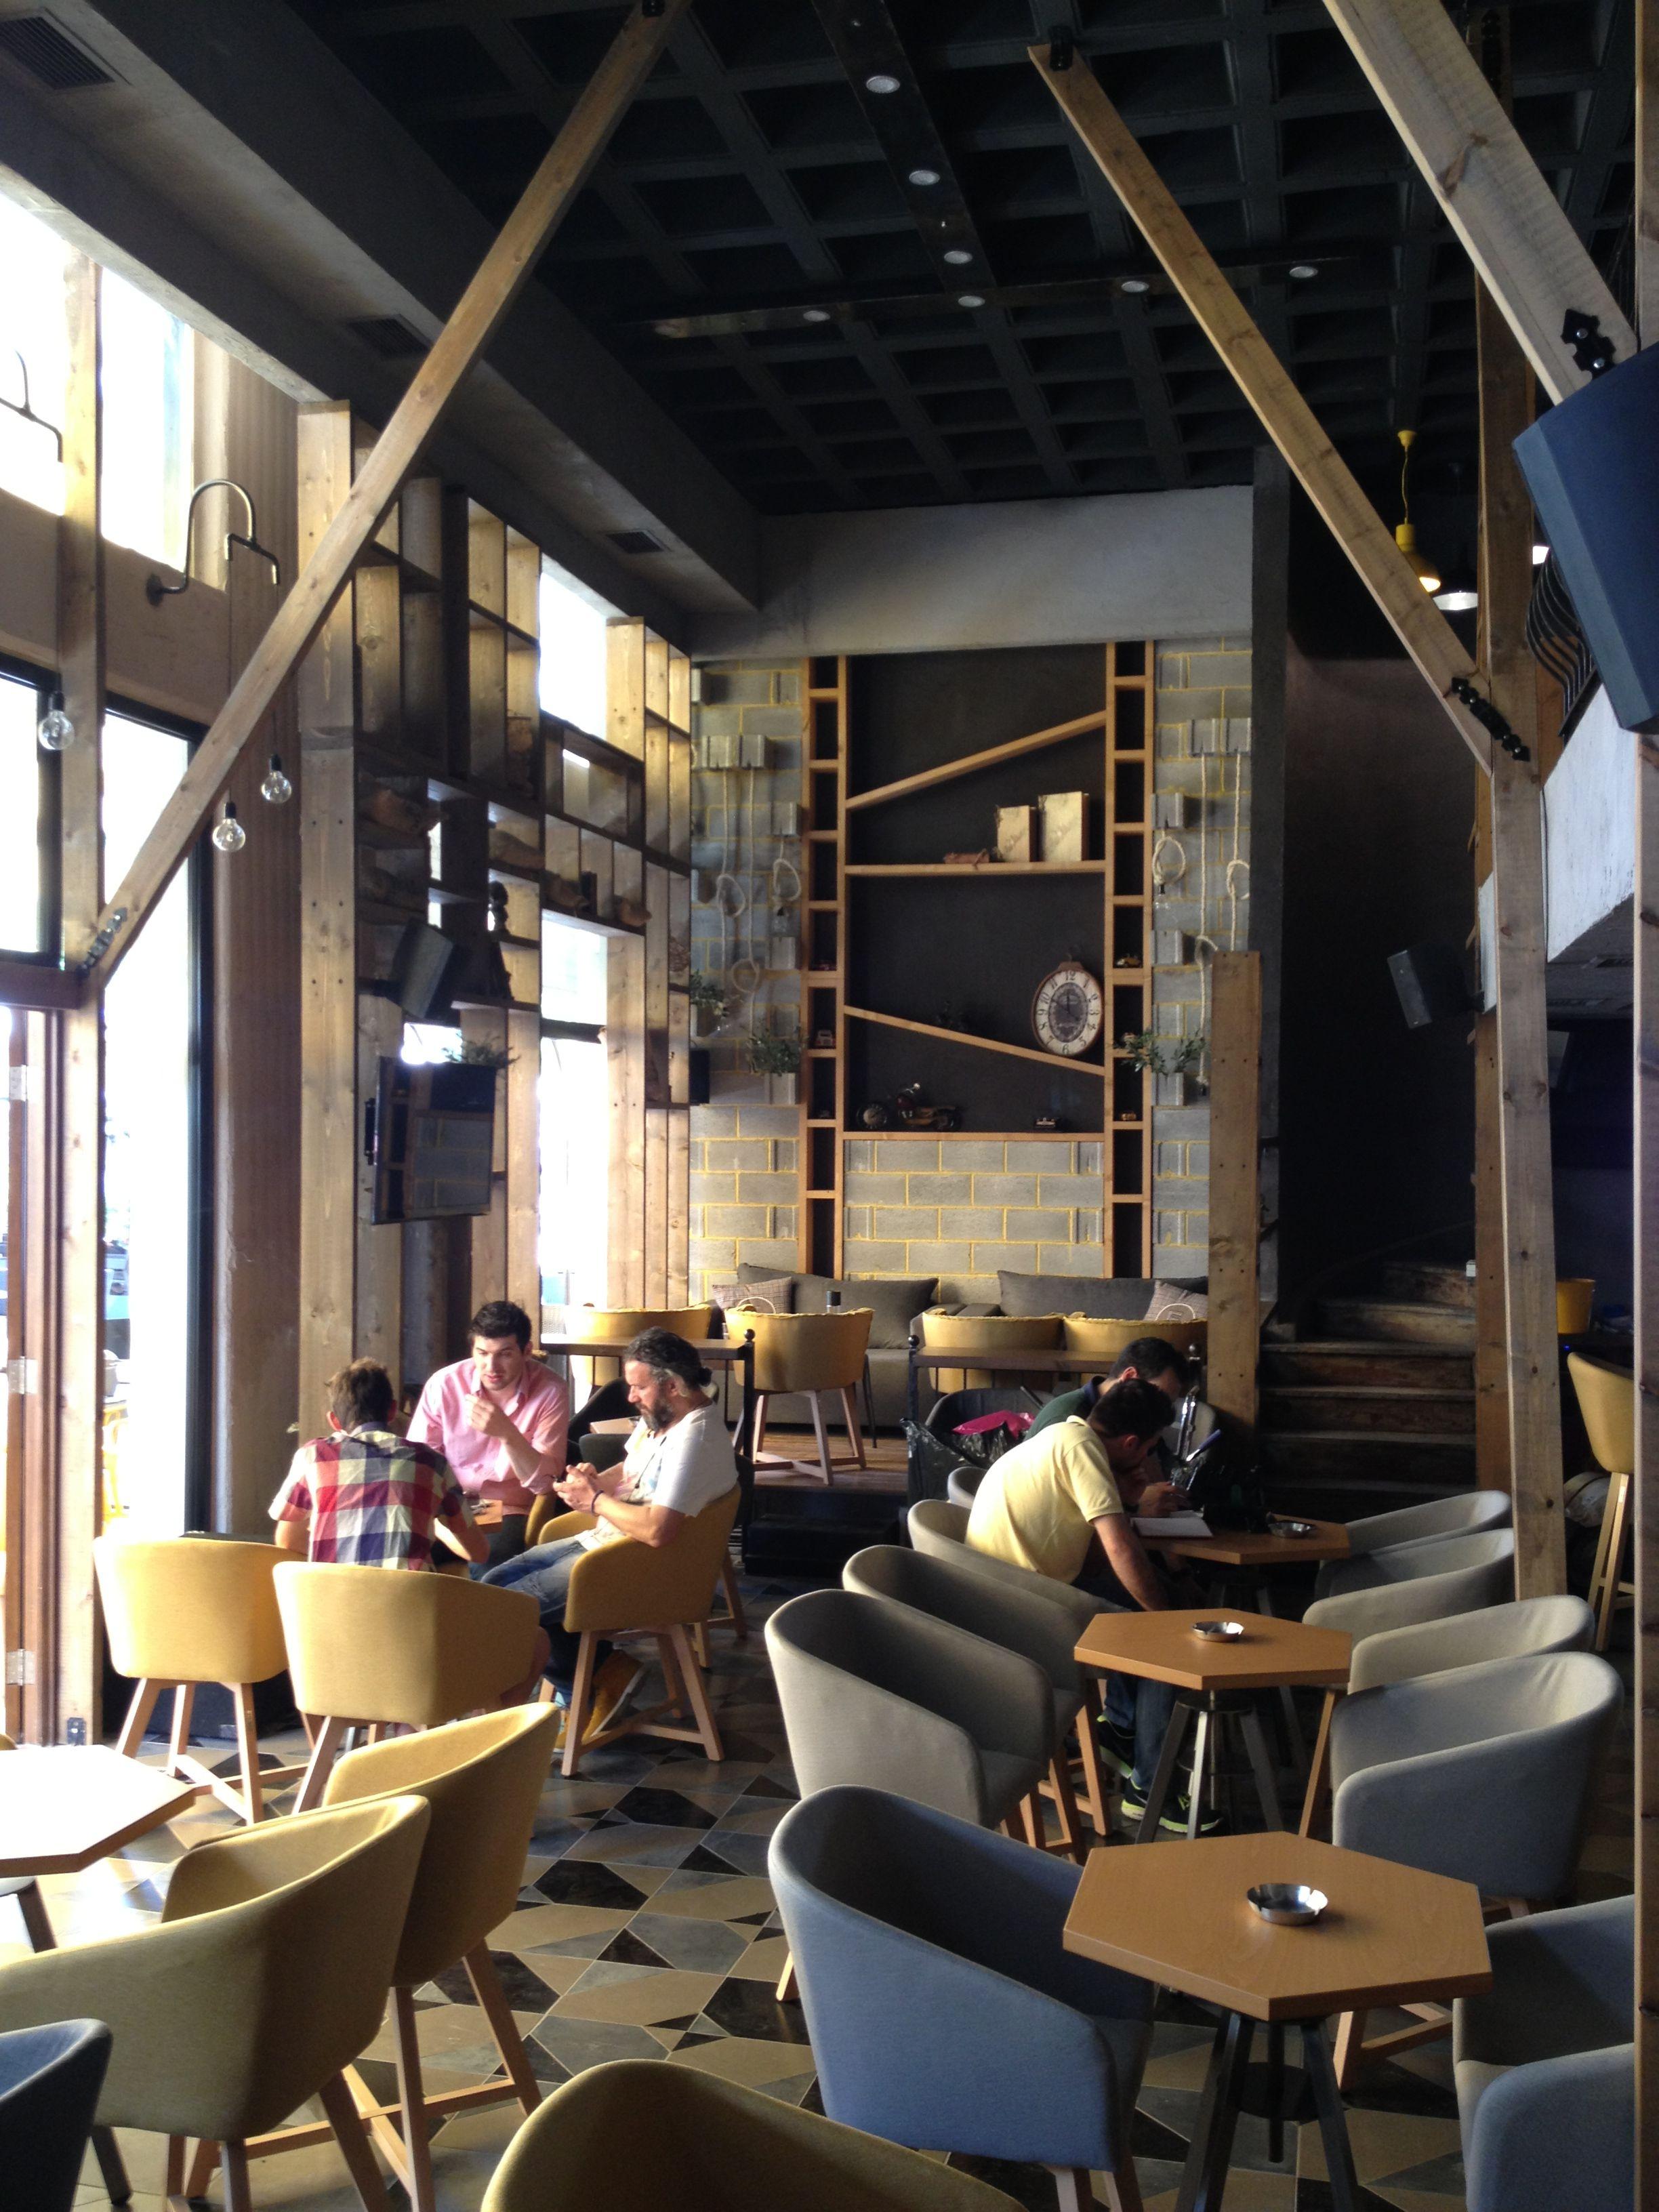 Interior of Rooms interior design EpilisisStudio bar industrial